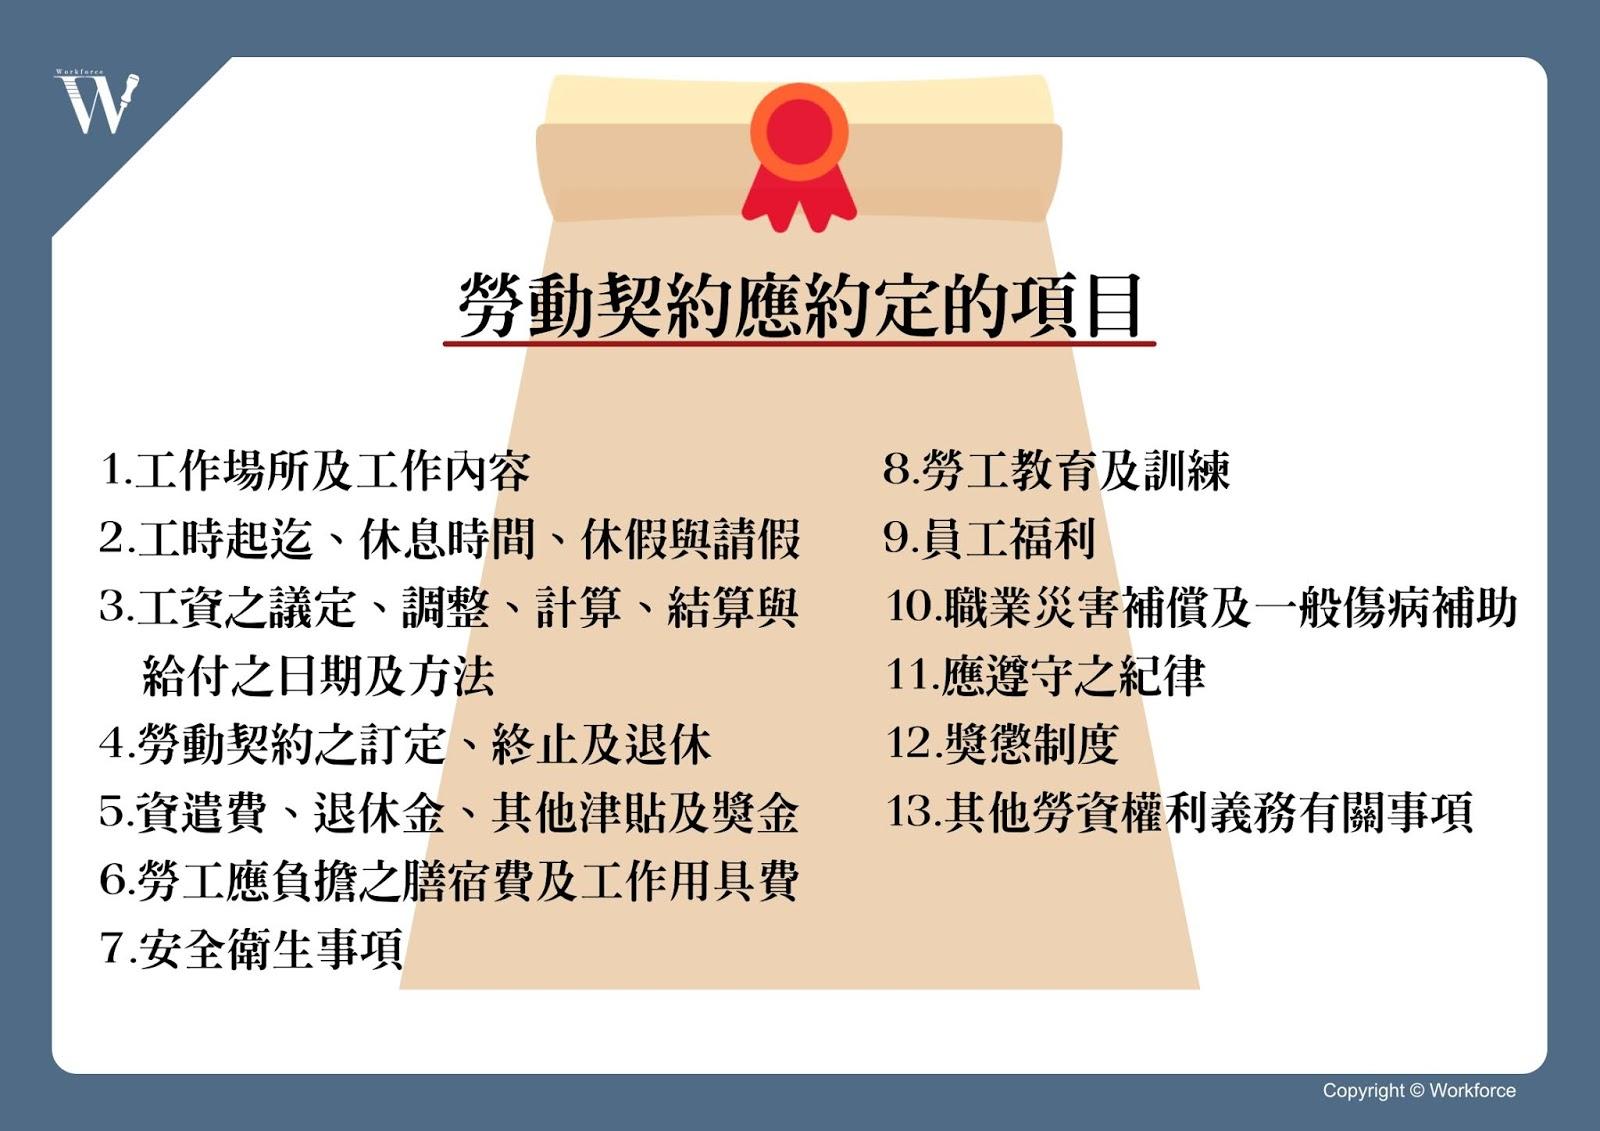 勞動契約應約定的項目內容